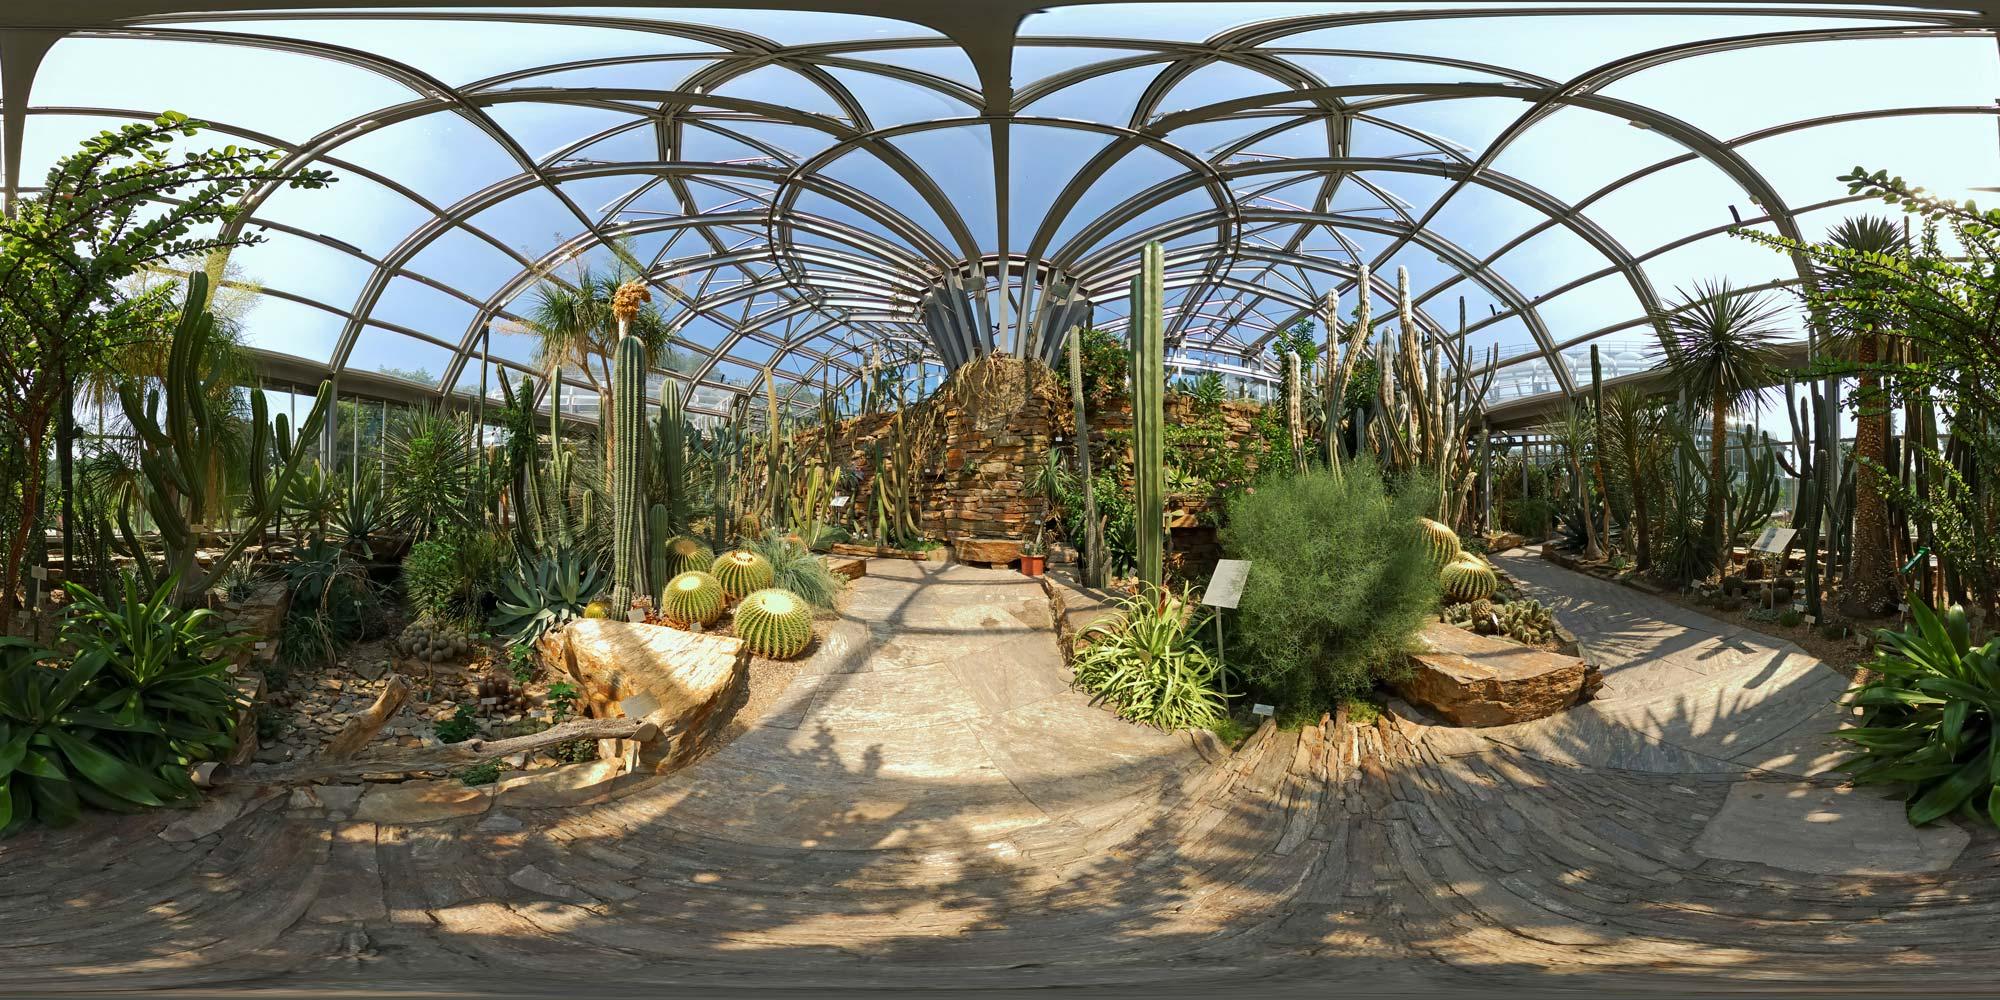 Botanischer garten  Kubische Panoramen - Panorama-Foto: Botanischer Garten - Kakteen 2